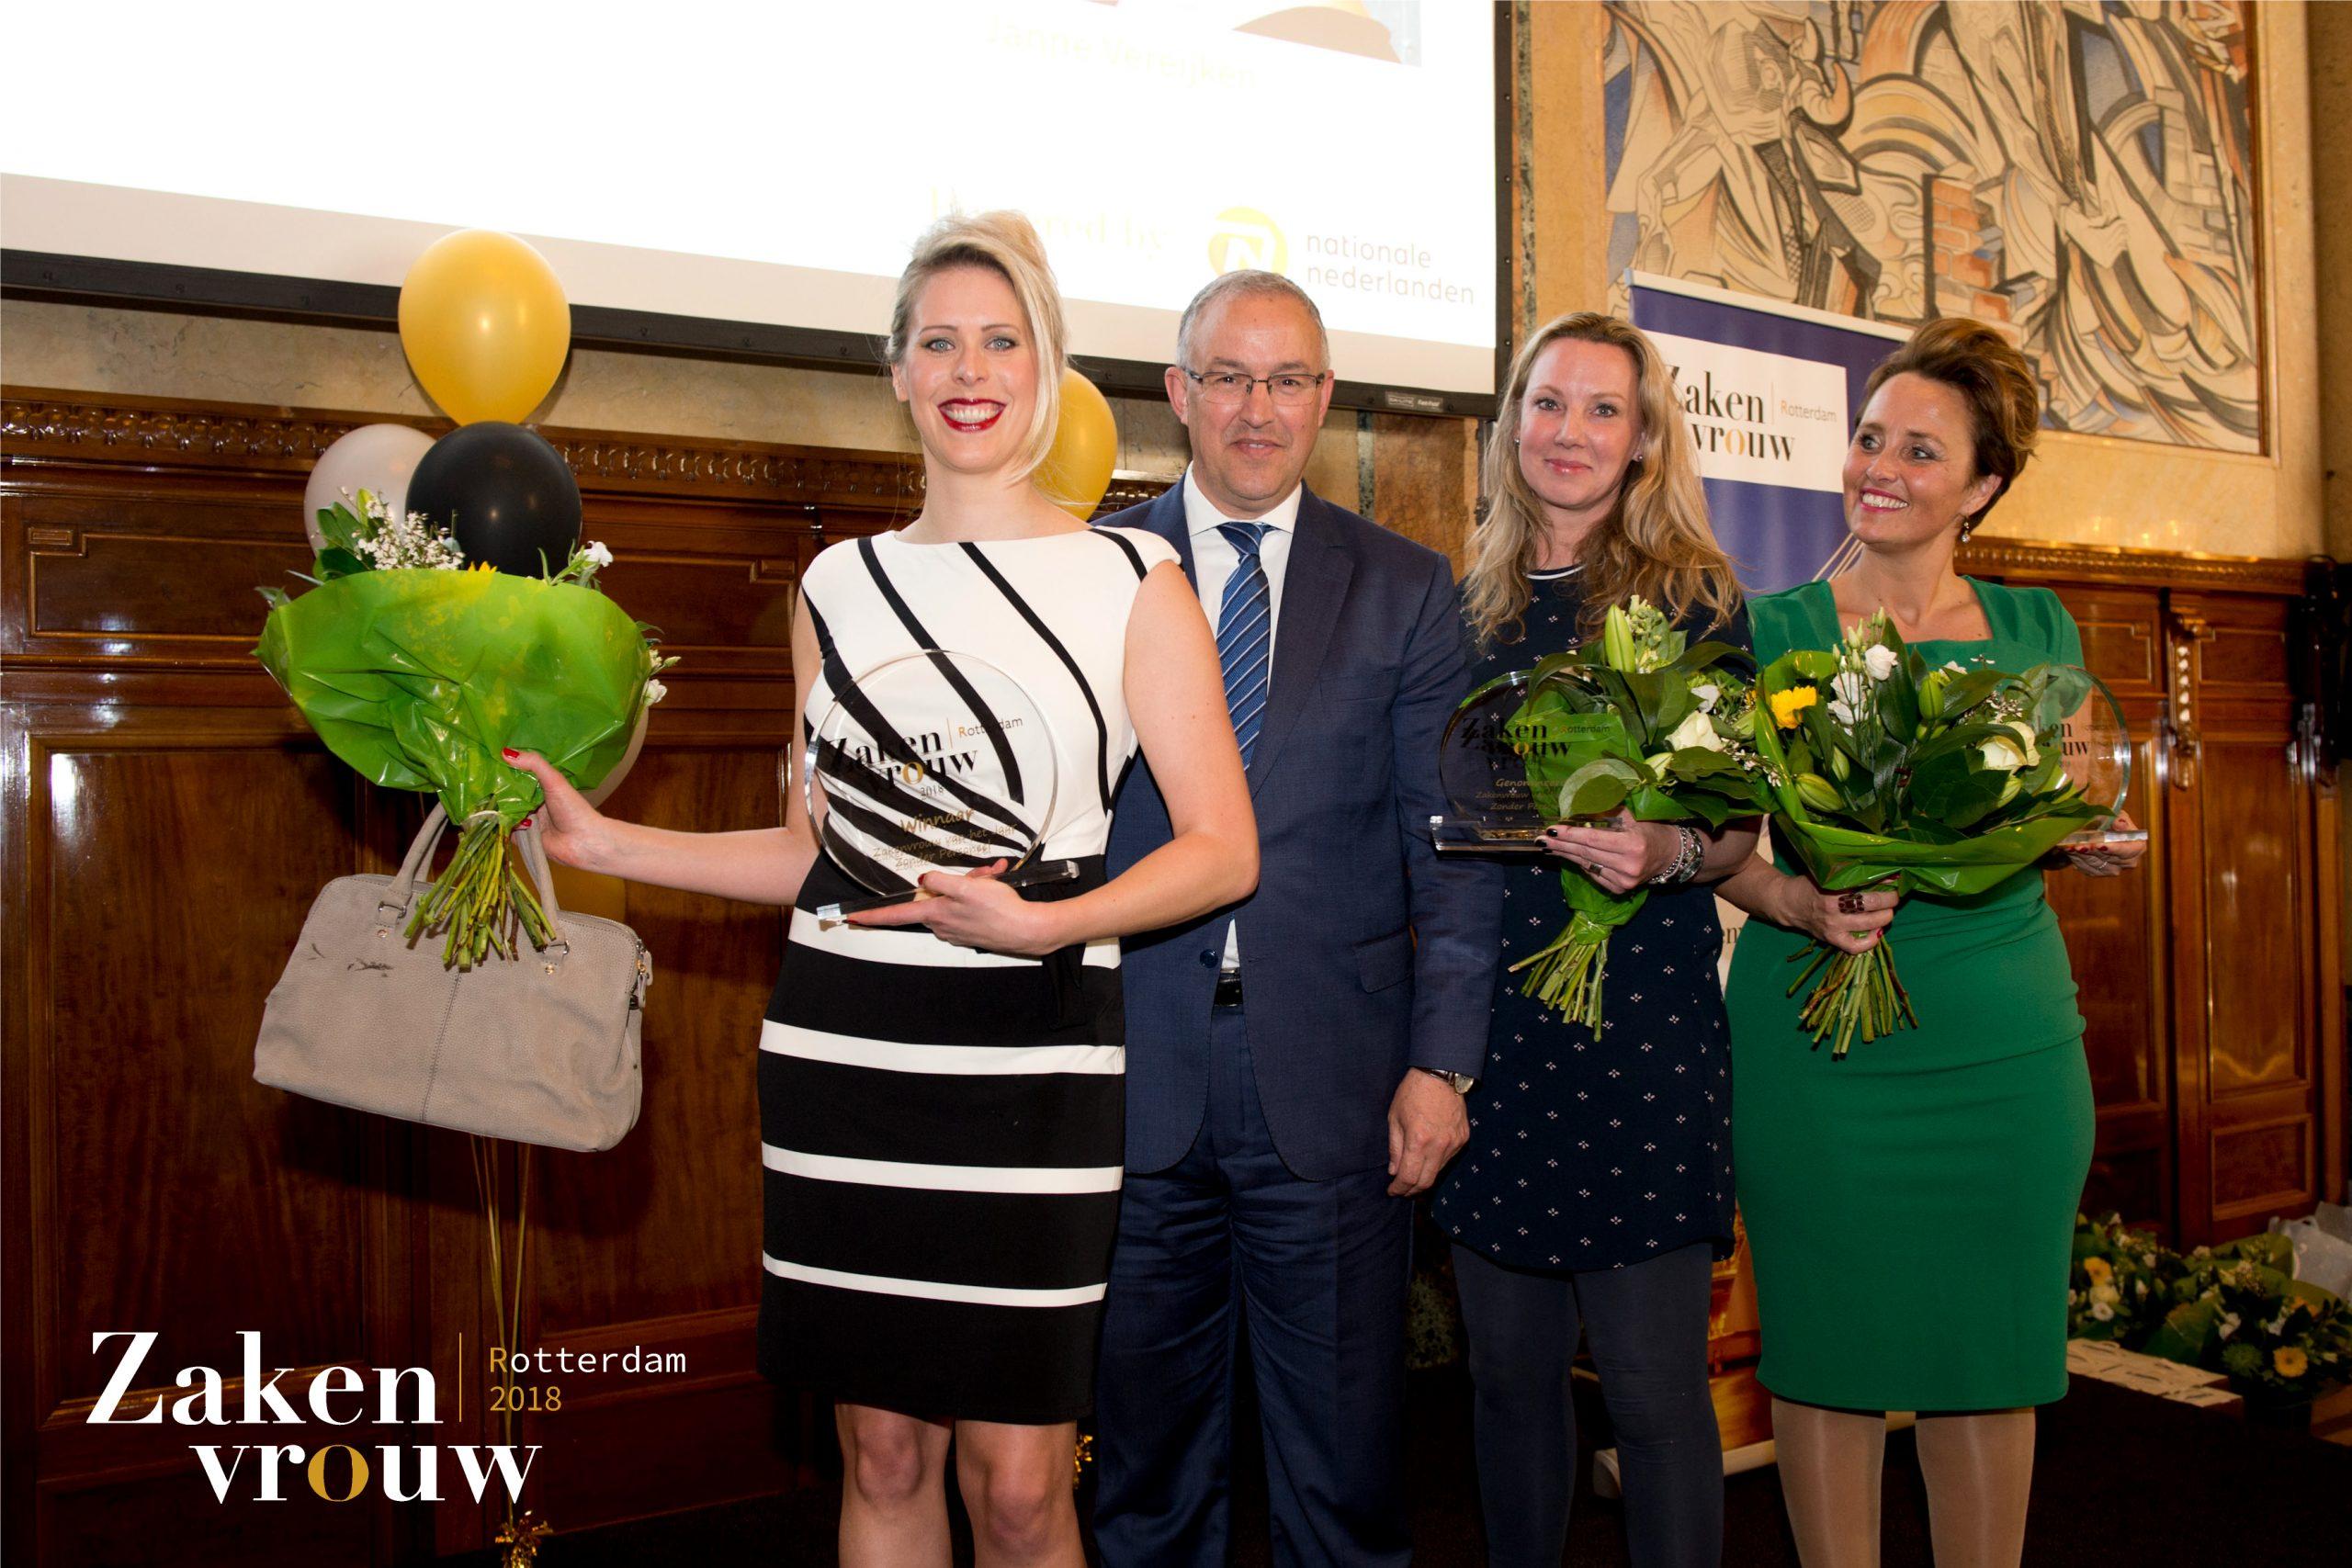 Janne Vereijken Rotterdamse Zakenvrouw van het Jaar Burgemeester Ahmed Aboutaleb